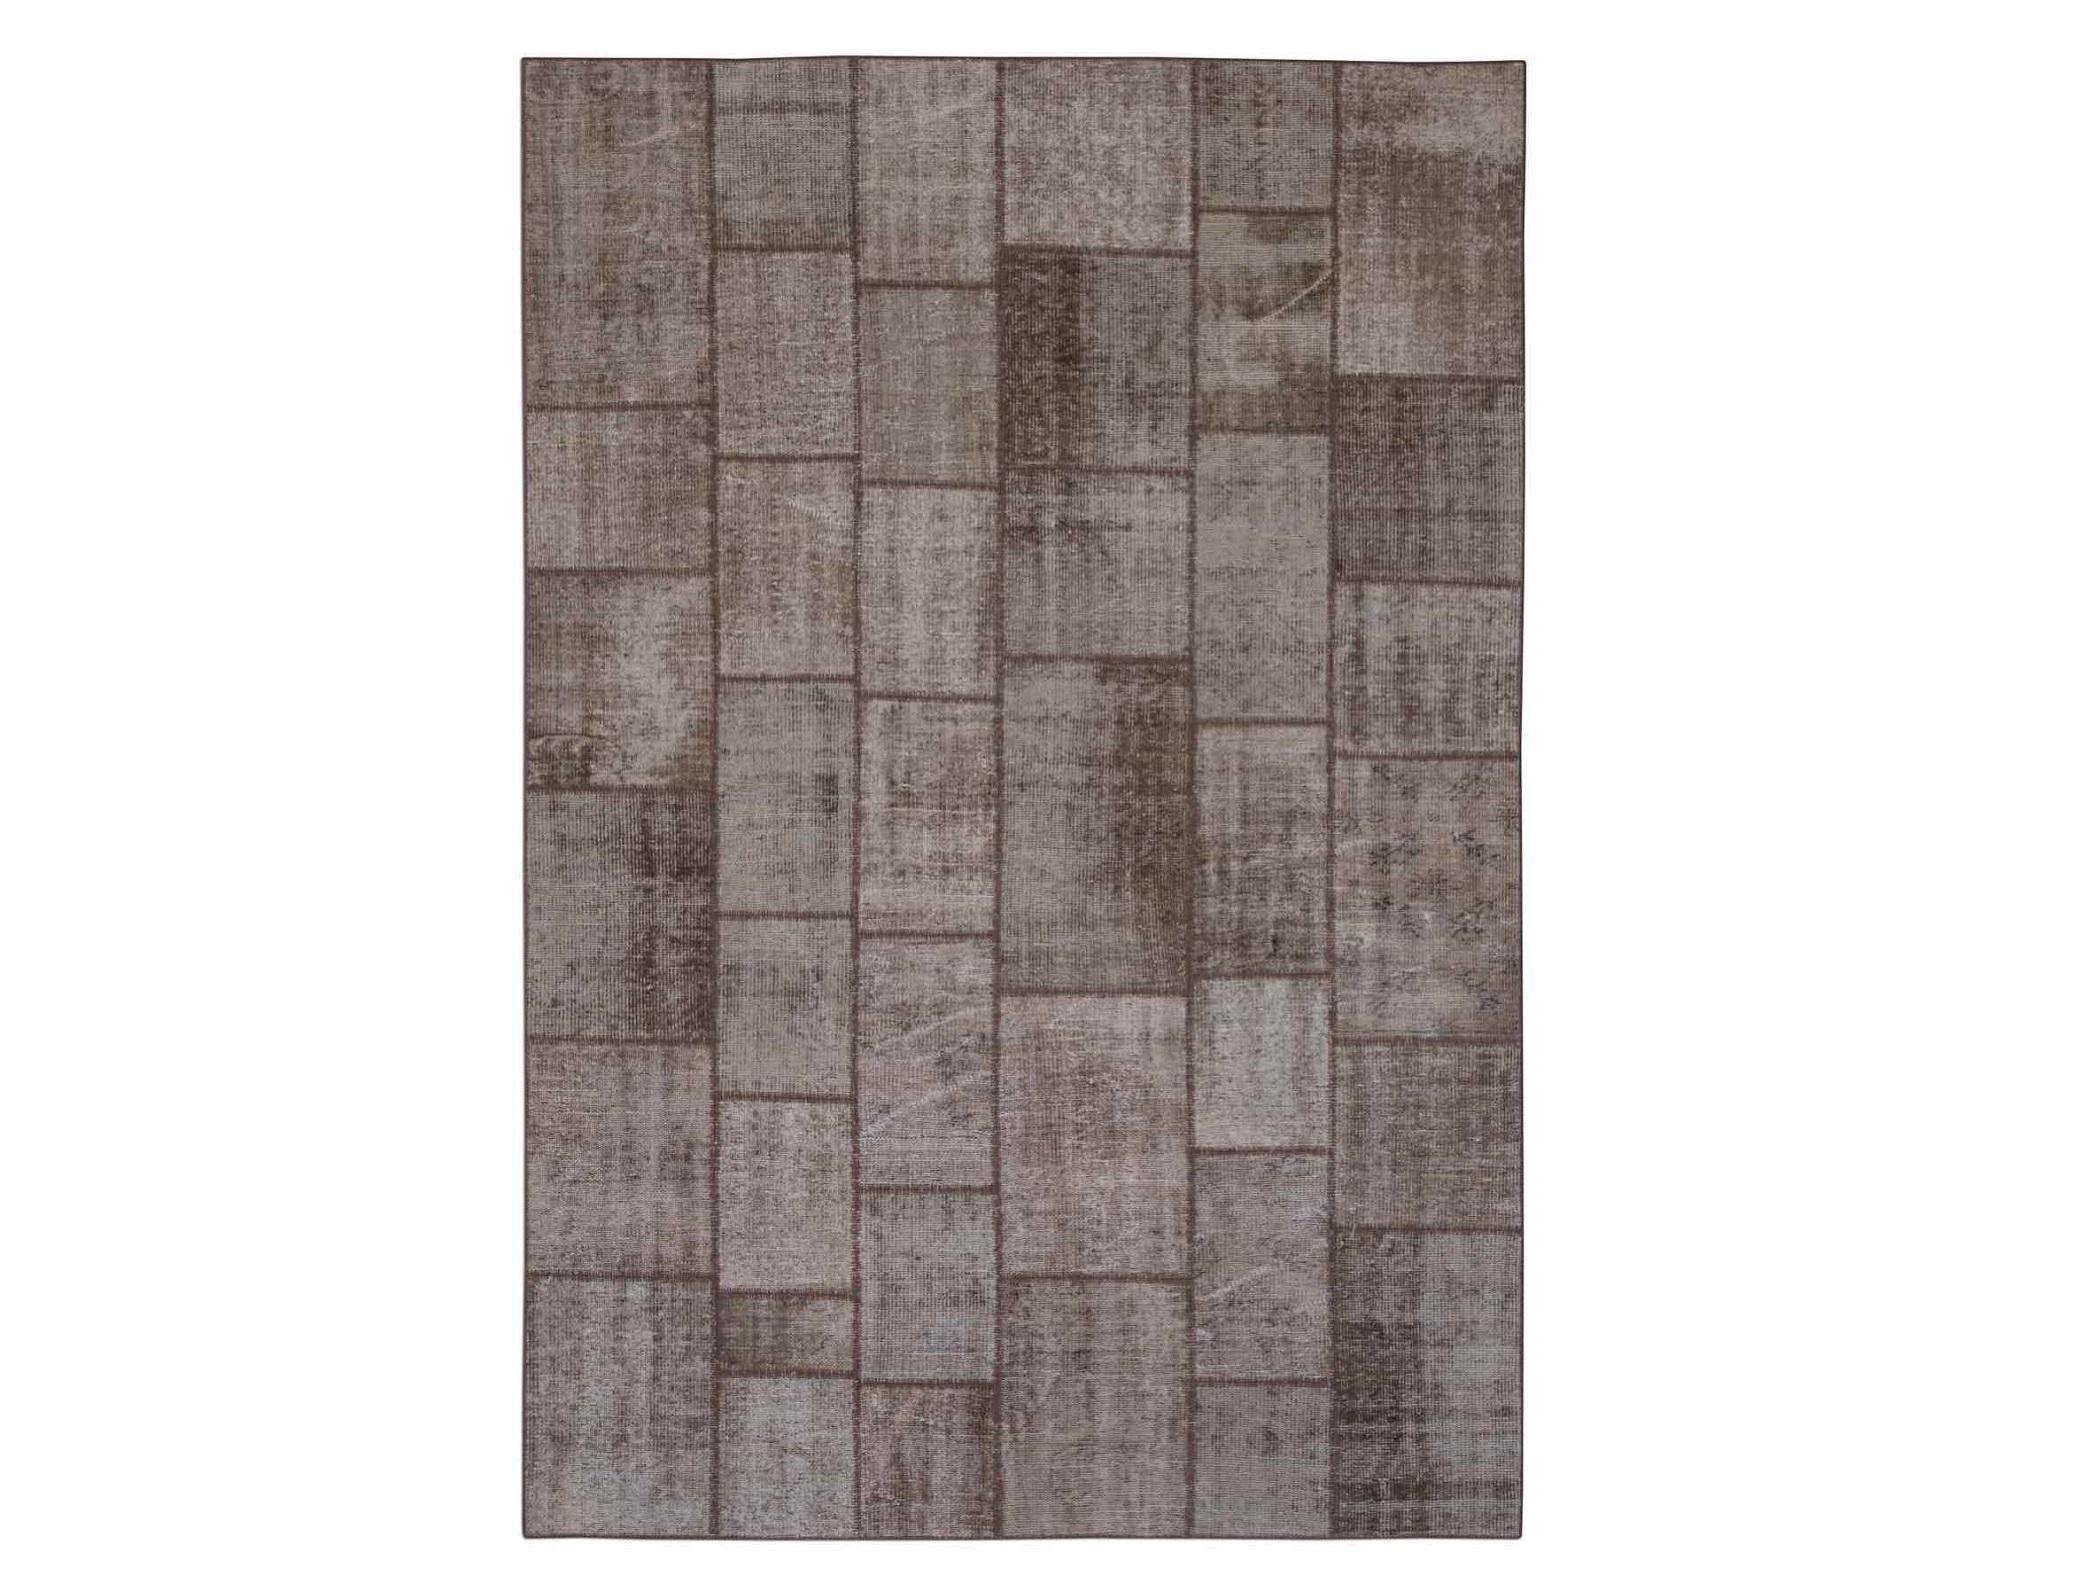 Ковер PatchworkПрямоугольные ковры<br>Винтажный ковер ручной работы в стиле &amp;quot;пэчворк&amp;quot; <br>из 100% шерсти. Ковер прекрасно подходит в <br>любые современные и классические интерьеры, <br>а благодаря тощине ковра всего 5 мм. и отсутствию <br>ворса, его легко чистить любыми видами пылесосов. <br>Этот настоящий ковер ручной работы не потеряет <br>своих красок и будет служить десятилетия.<br><br>Material: Шерсть<br>Ширина см: 202<br>Глубина см: 297